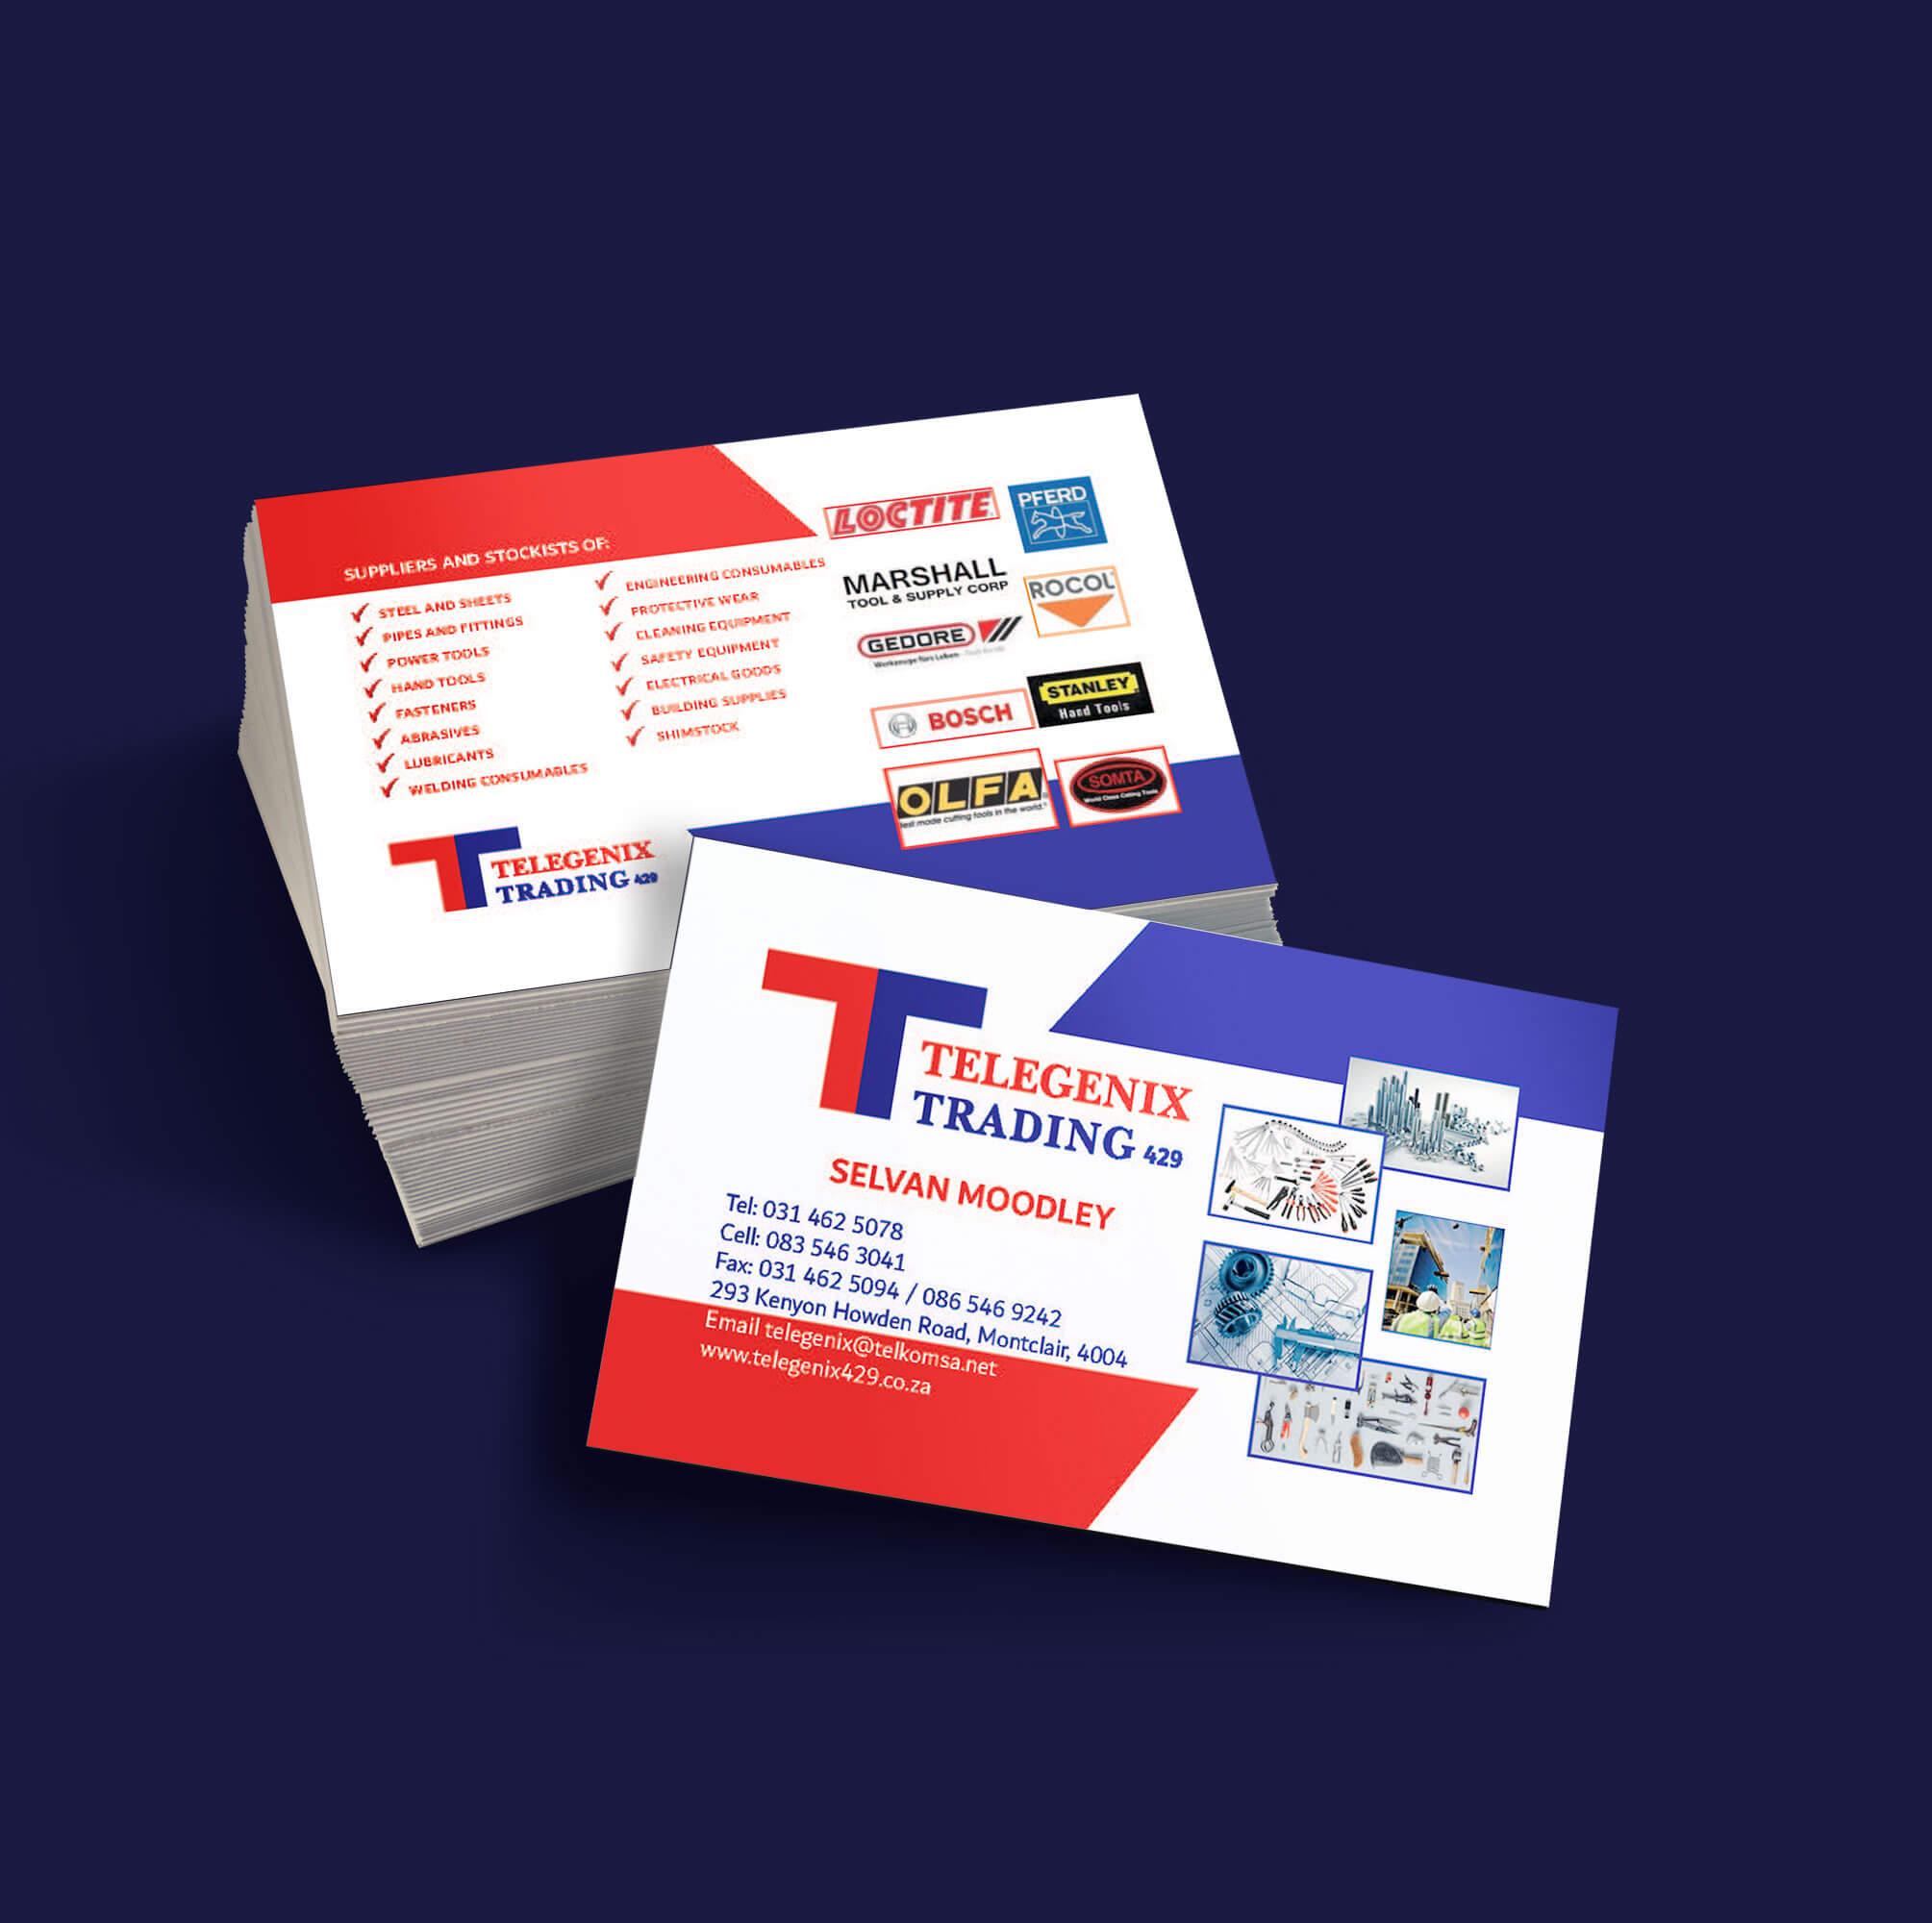 B1-Graphic-Design-Corporate-Identity